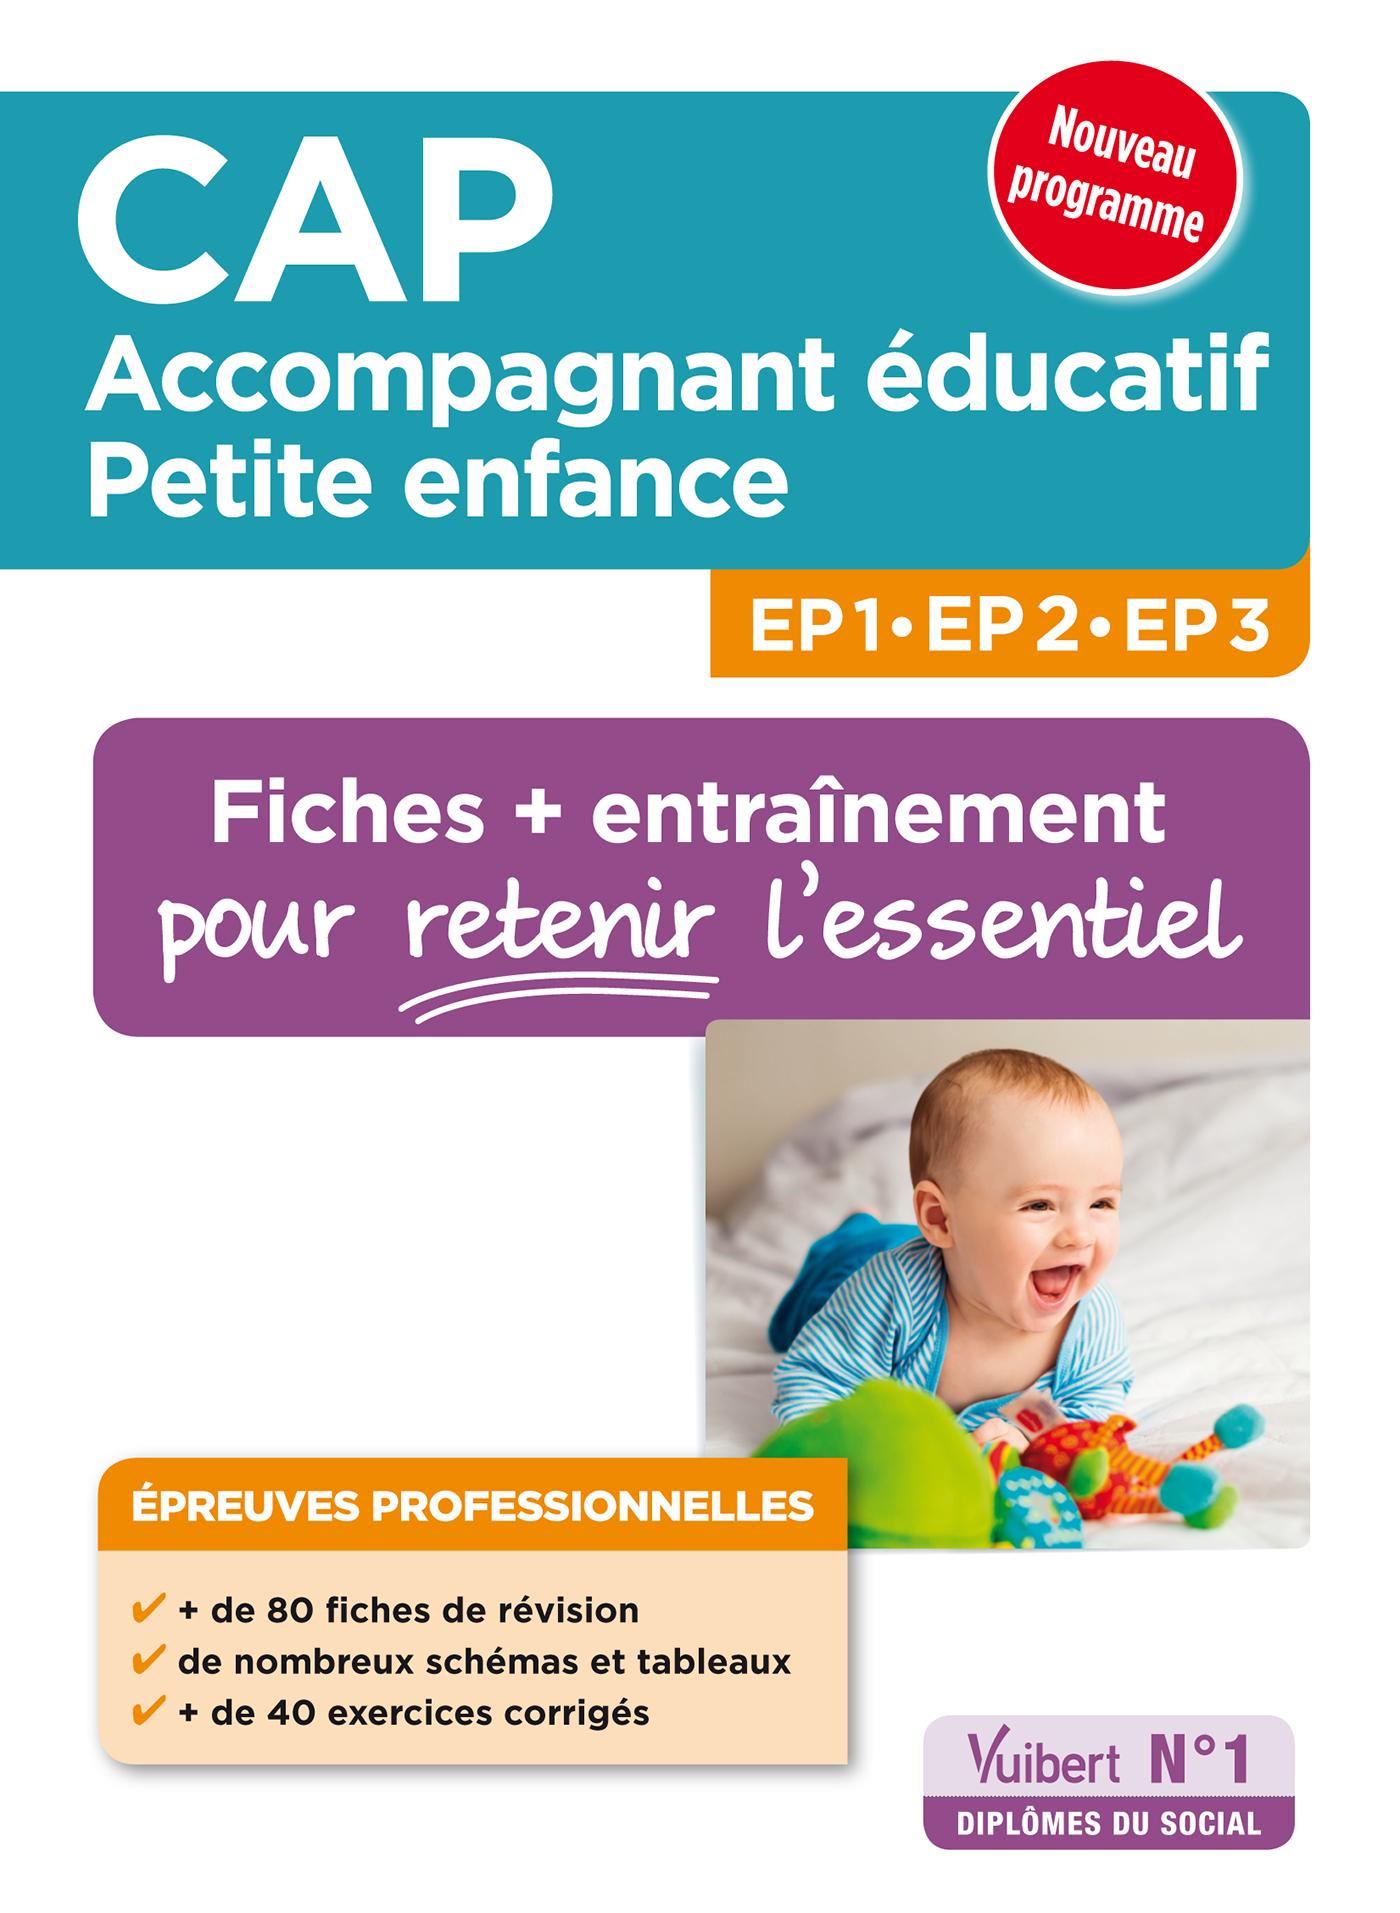 CAP ACCOMPAGNANT EDUCATIF PTE ENFANCE EP PROFESSIONNELLES 80 FICHES EP1 2 3